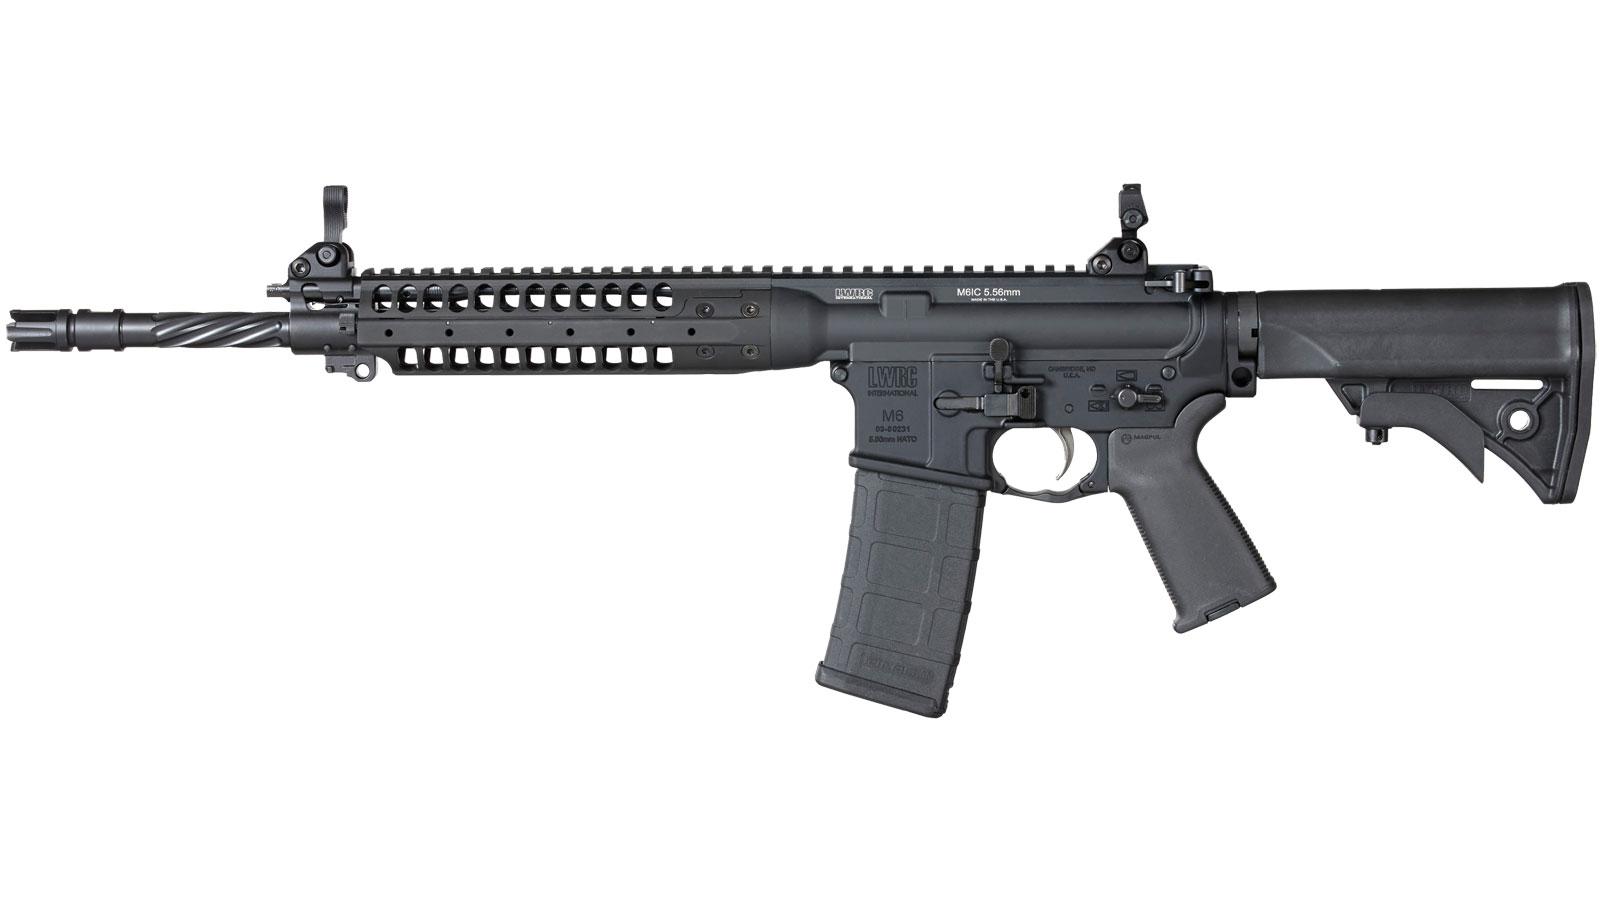 LWRC ICER5B16 Improved Carbine Enhanced Models